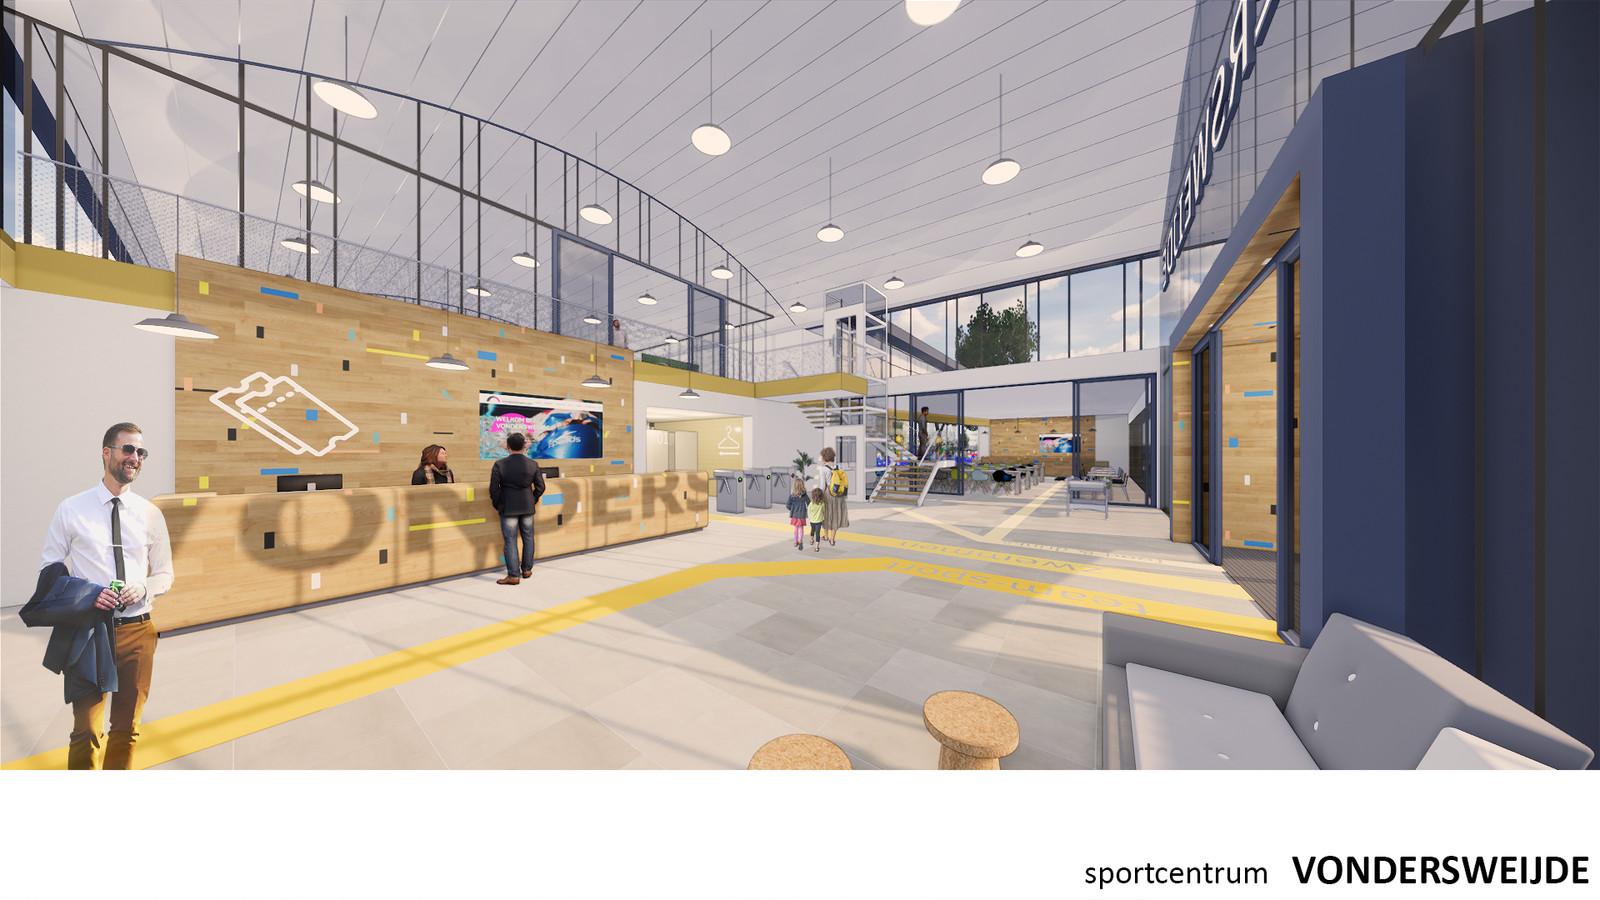 Een impressie van de nieuwe entree en receptie van het sportcentrum Vondersweijde.